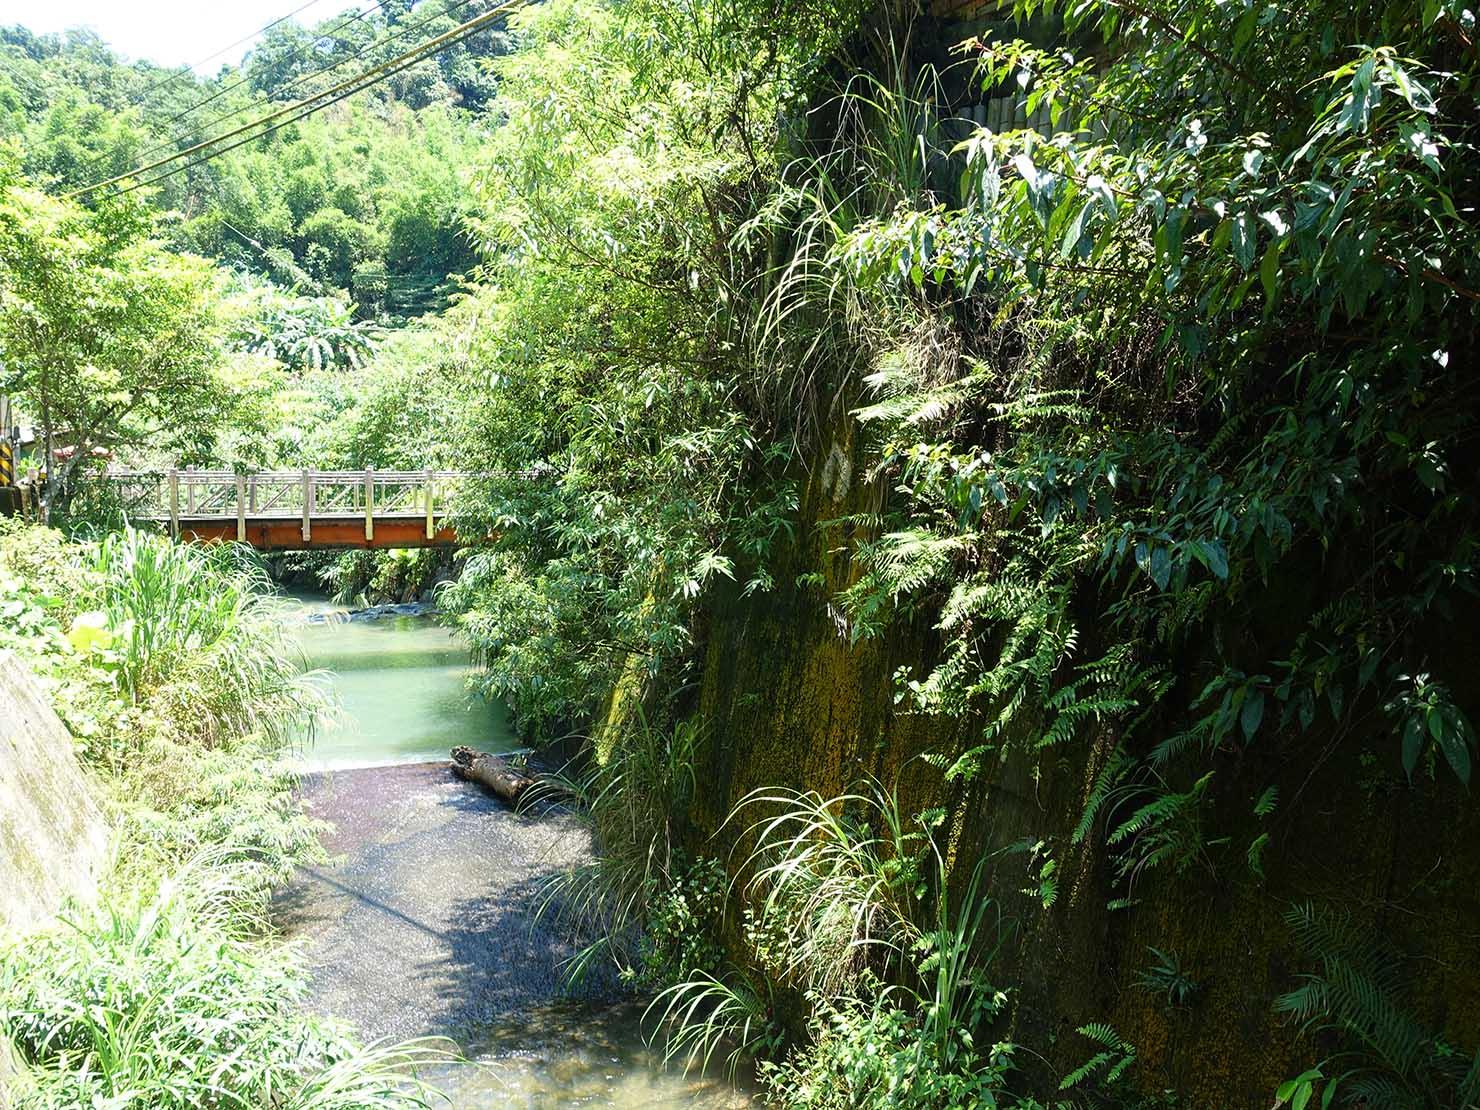 台北一周自転車道「研究院路」の横に流れる小川